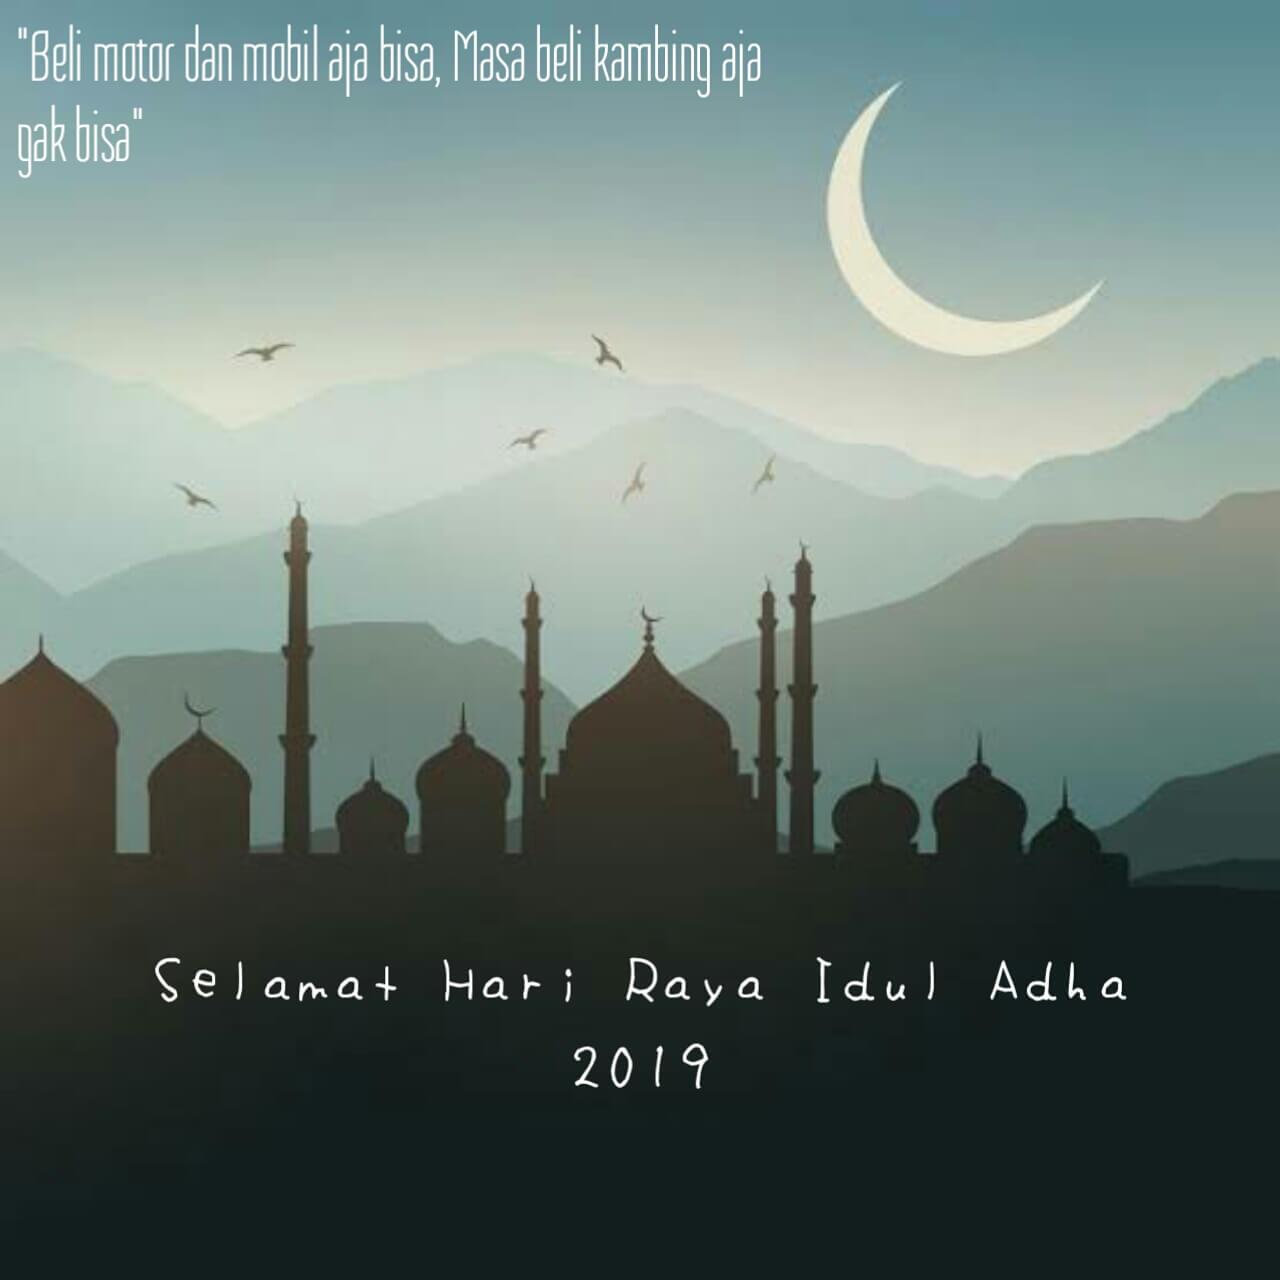 50 Kata Kata Ucapan Selamat Hari Raya Idul Adha 2019/1440